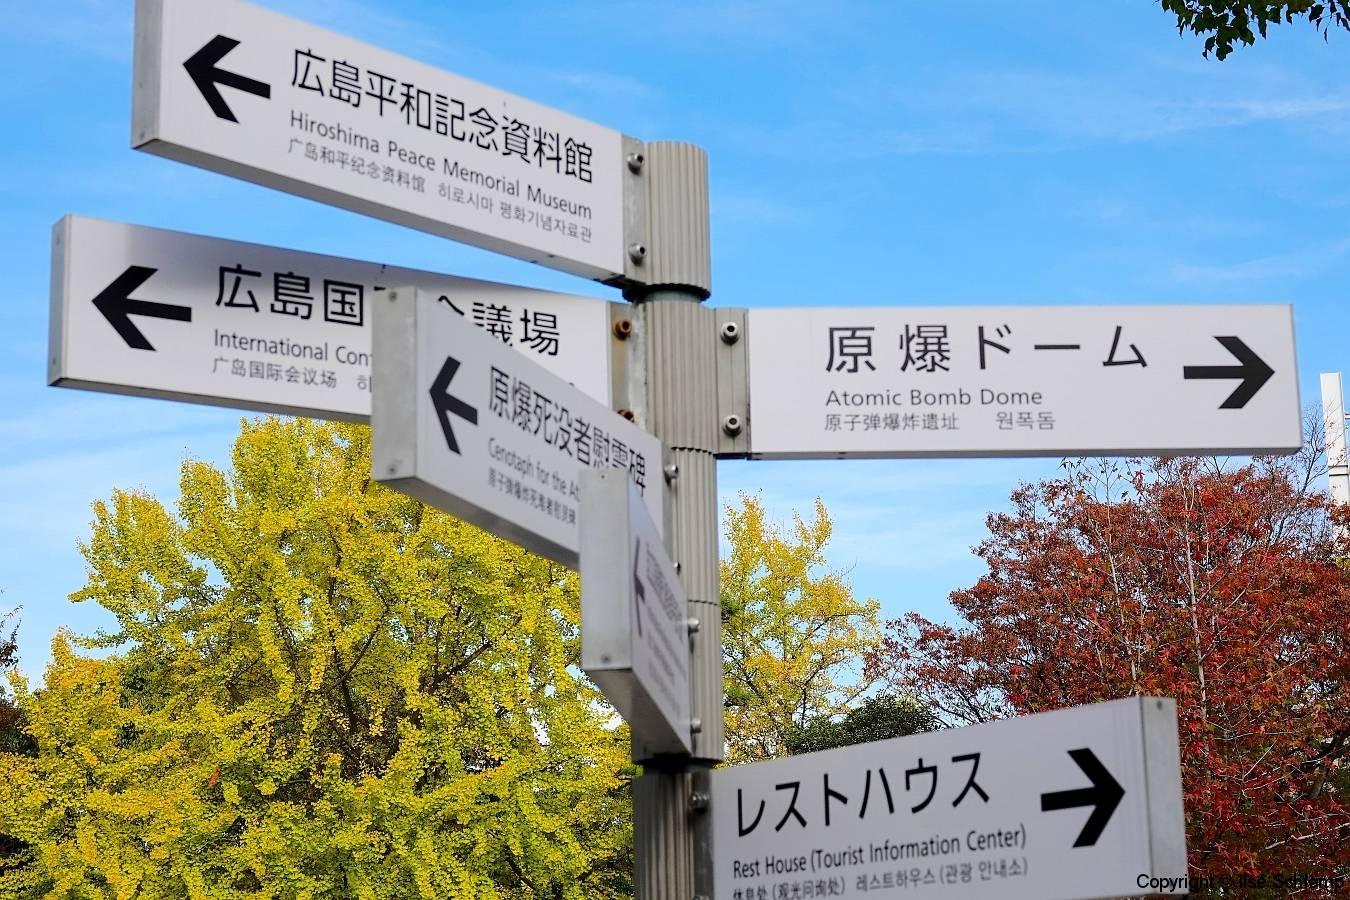 Japan, Hiroshima, Friedenspark, Wegweiser